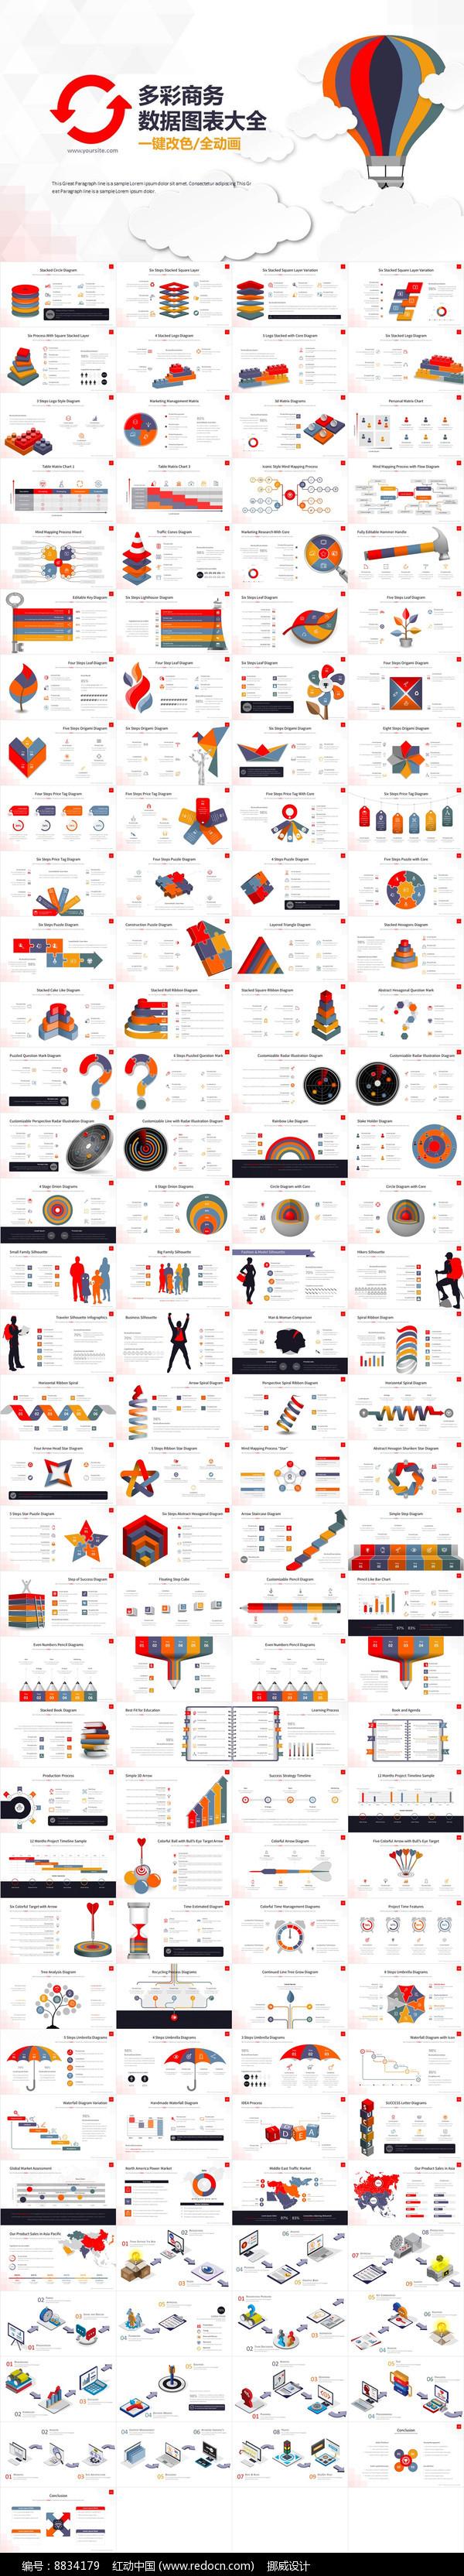 商务数据分析信息图表PPT图片